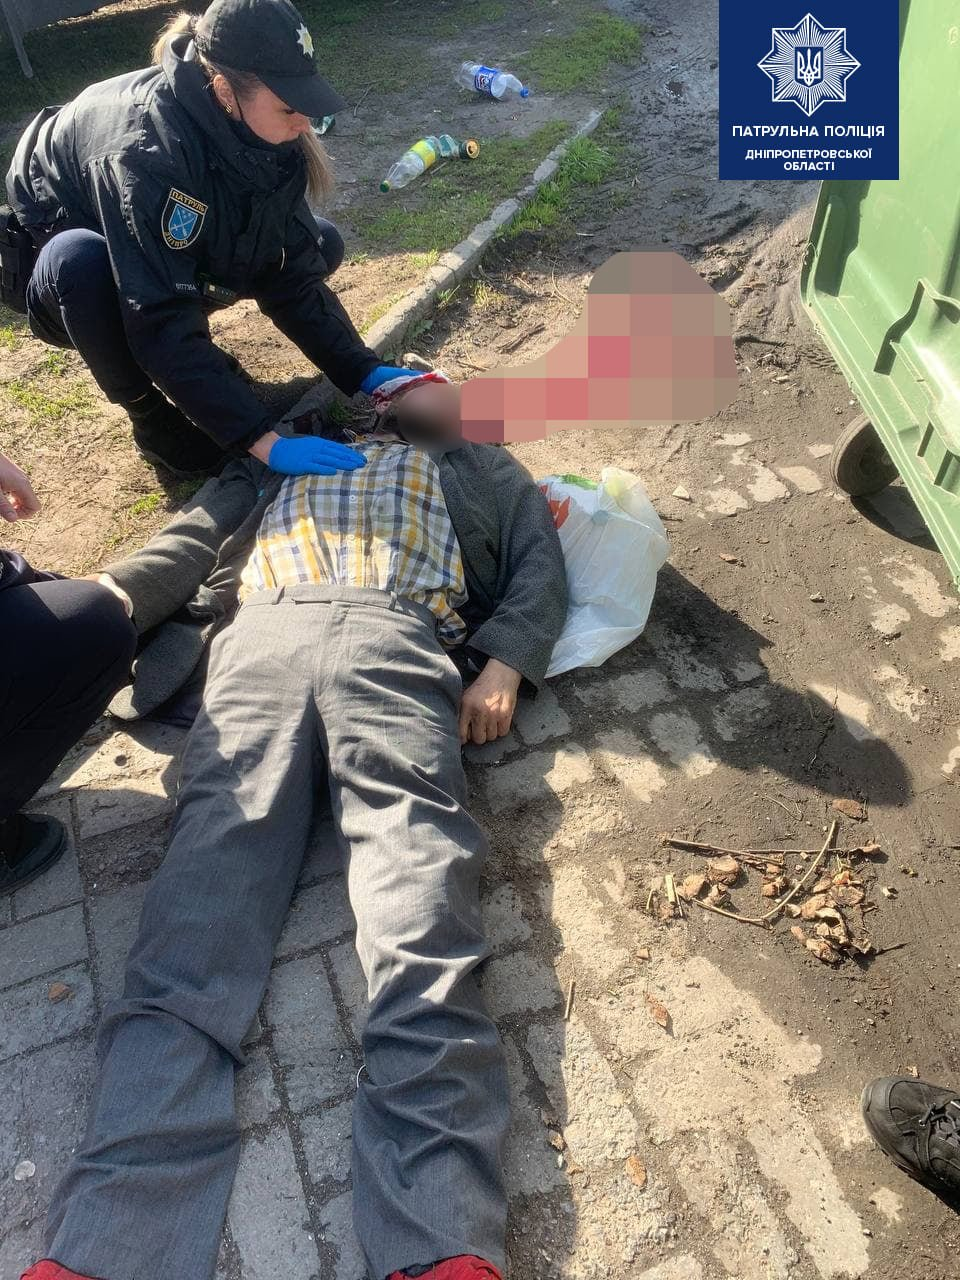 В центре Днепра у мужчины случился приступ: полиция спасала пострадавшего, фото-1